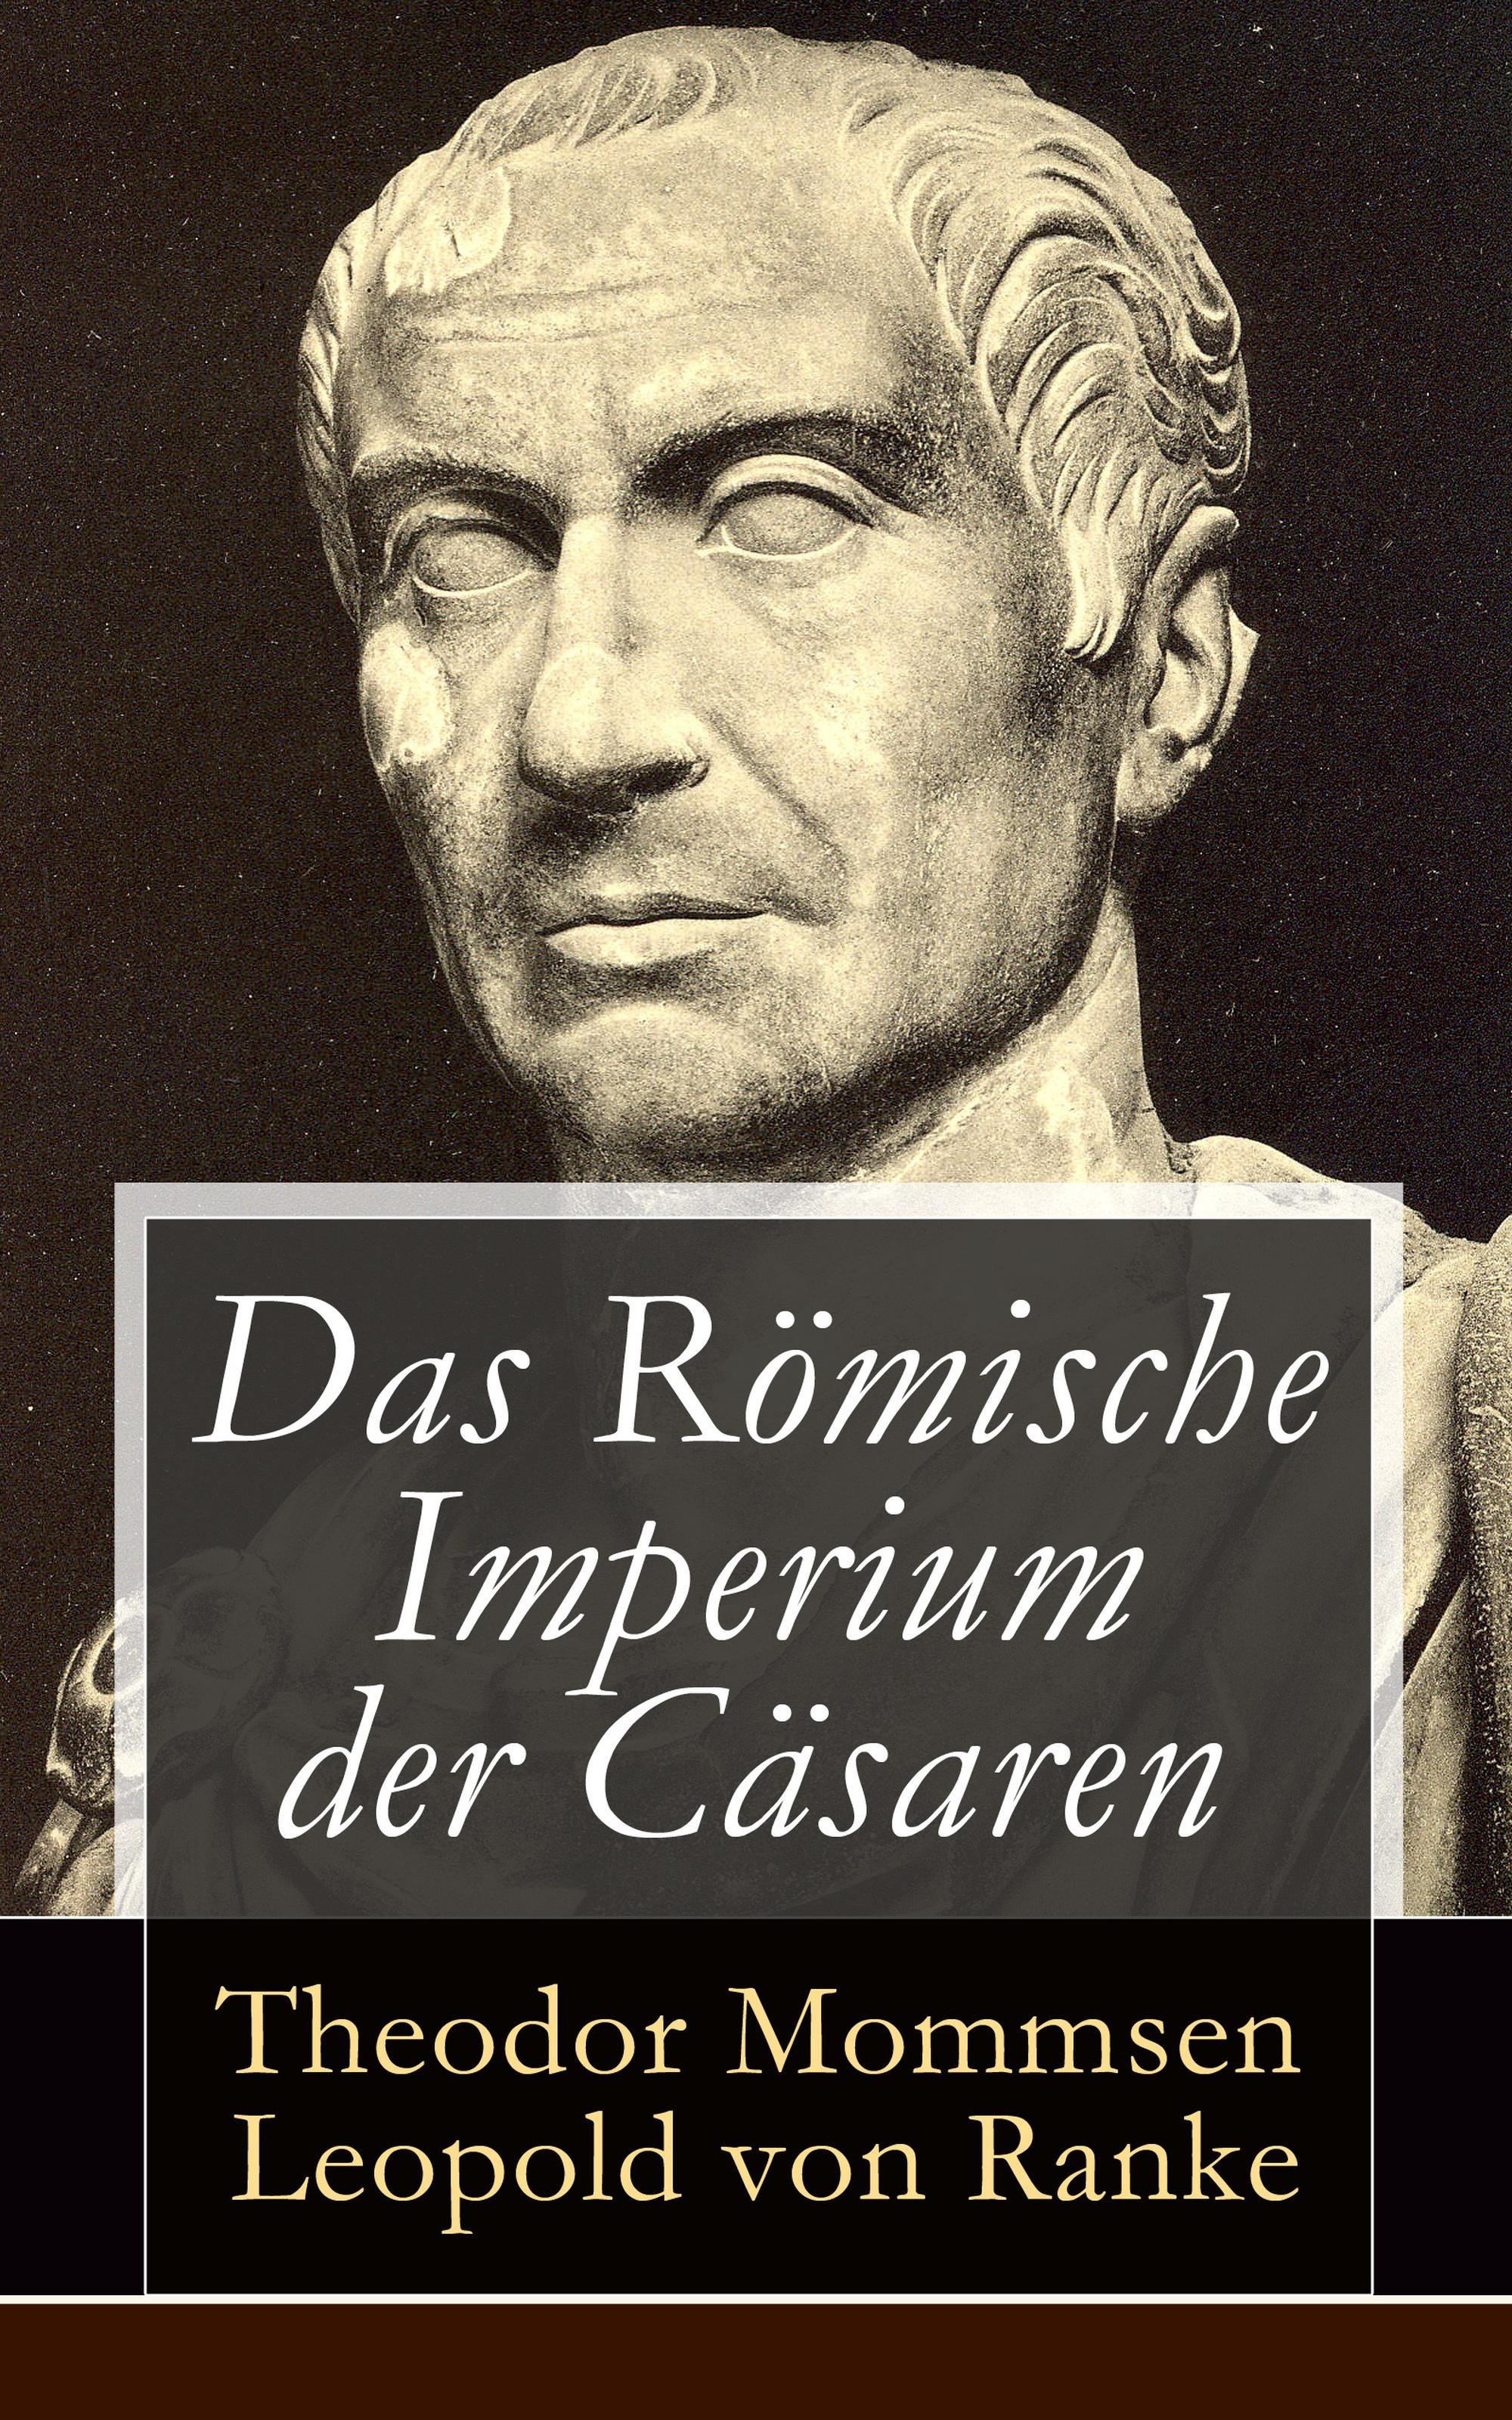 Leopold von Ranke Das Römische Imperium der Cäsaren